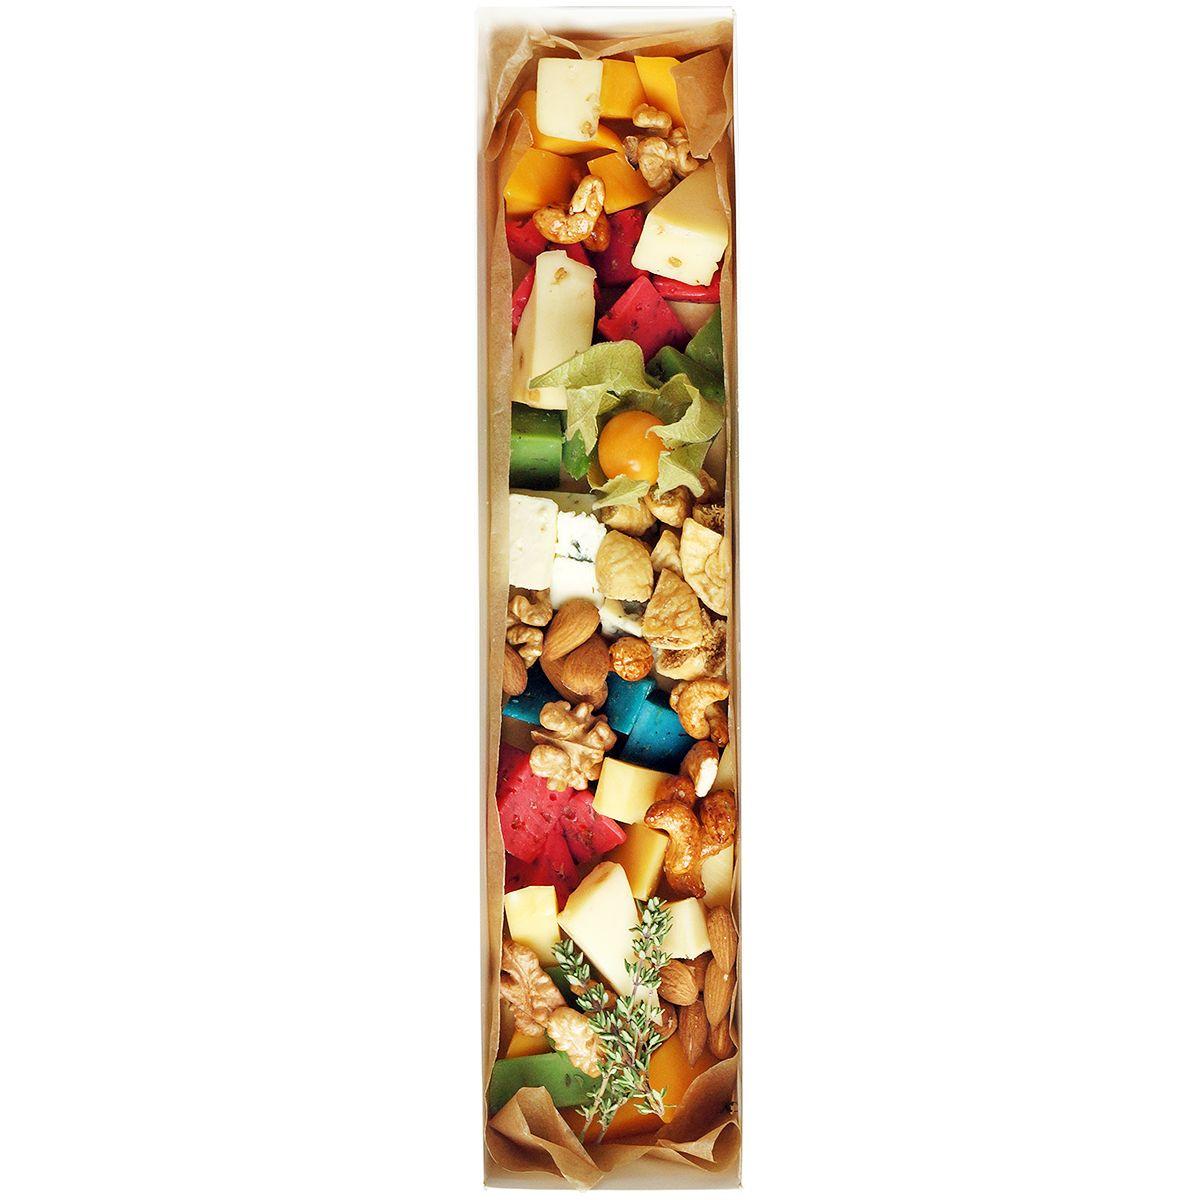 Cheese gift box фото 1